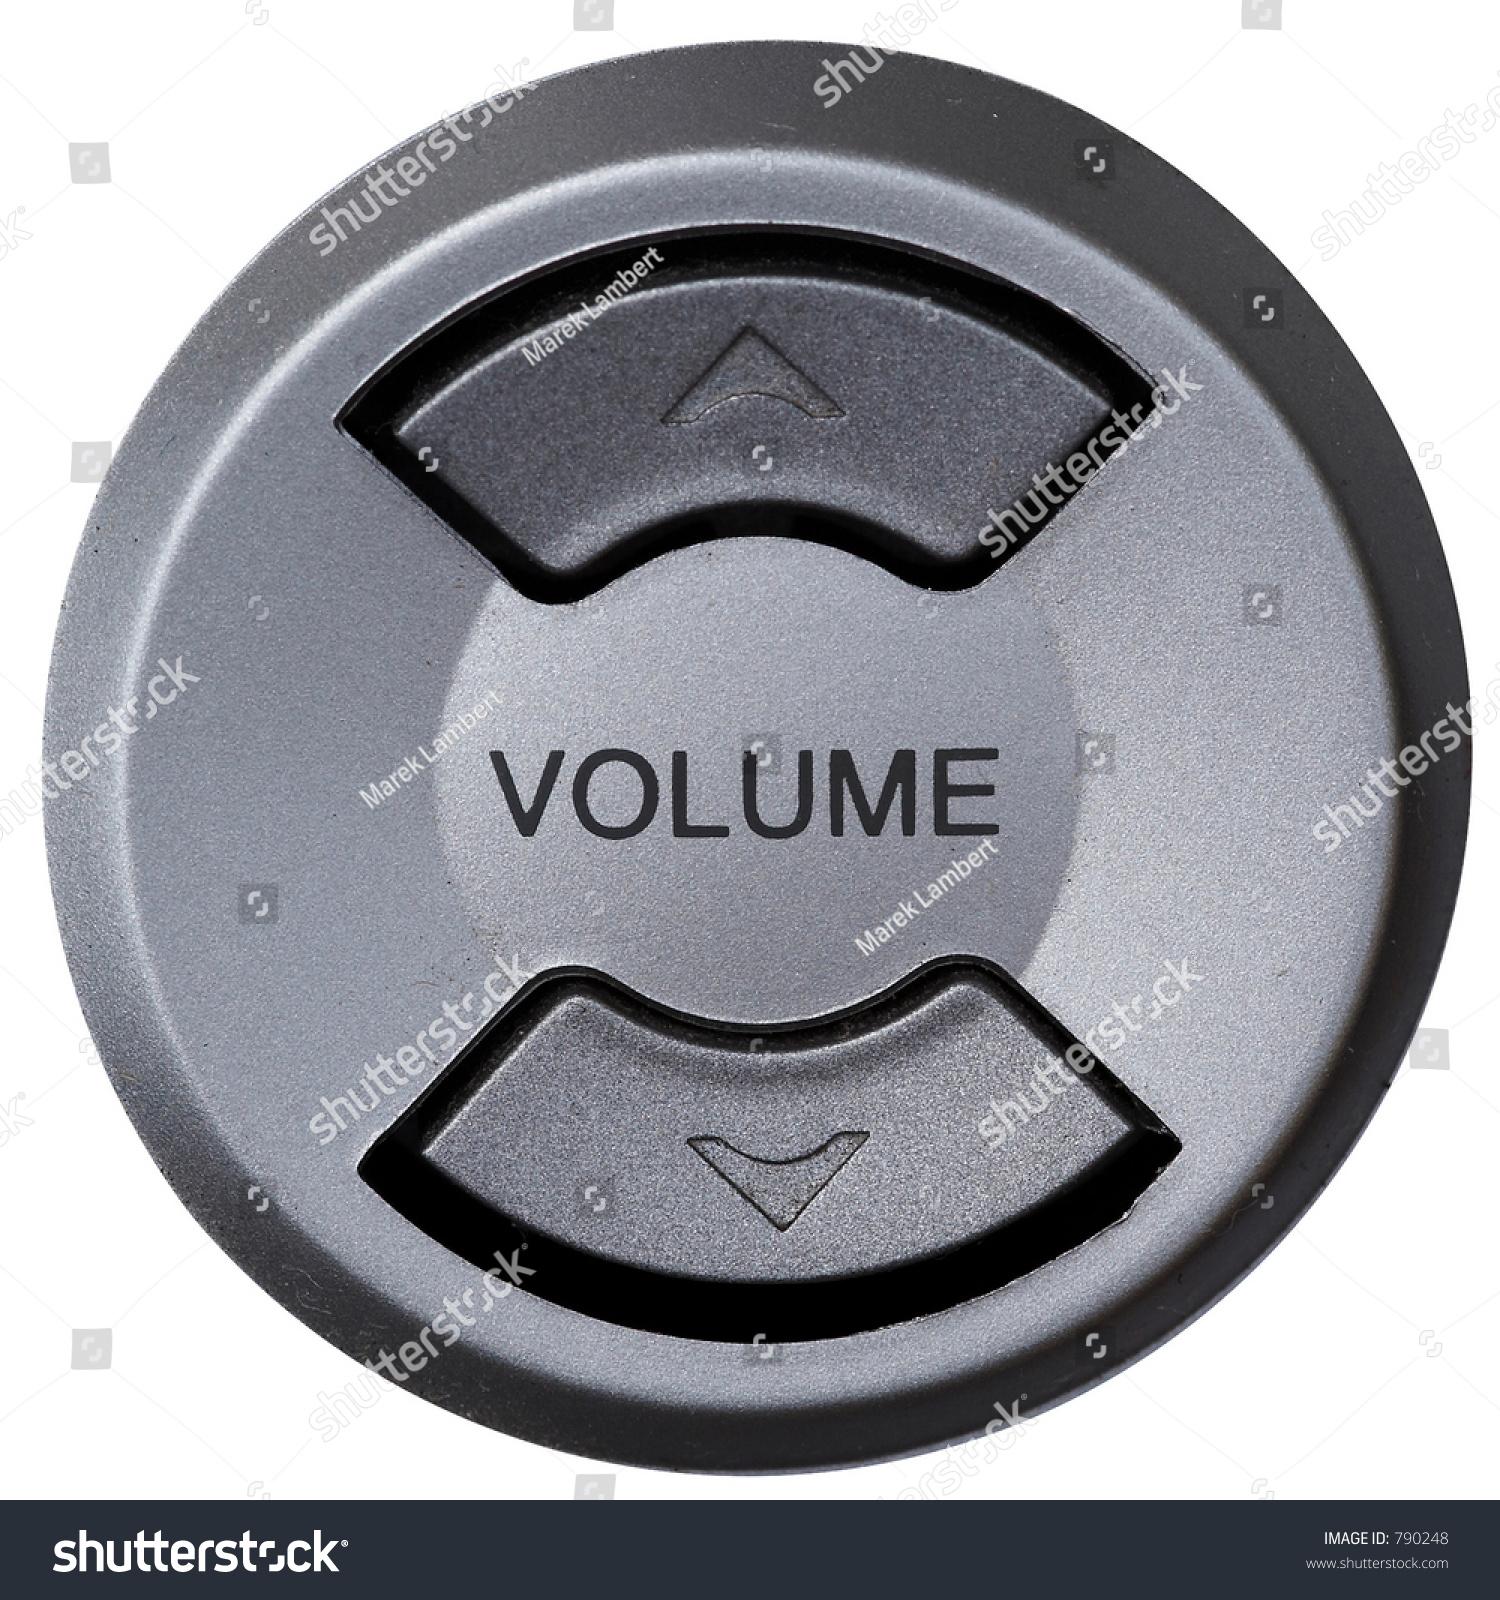 Volume Control Button : Volume control buttons stock photo shutterstock